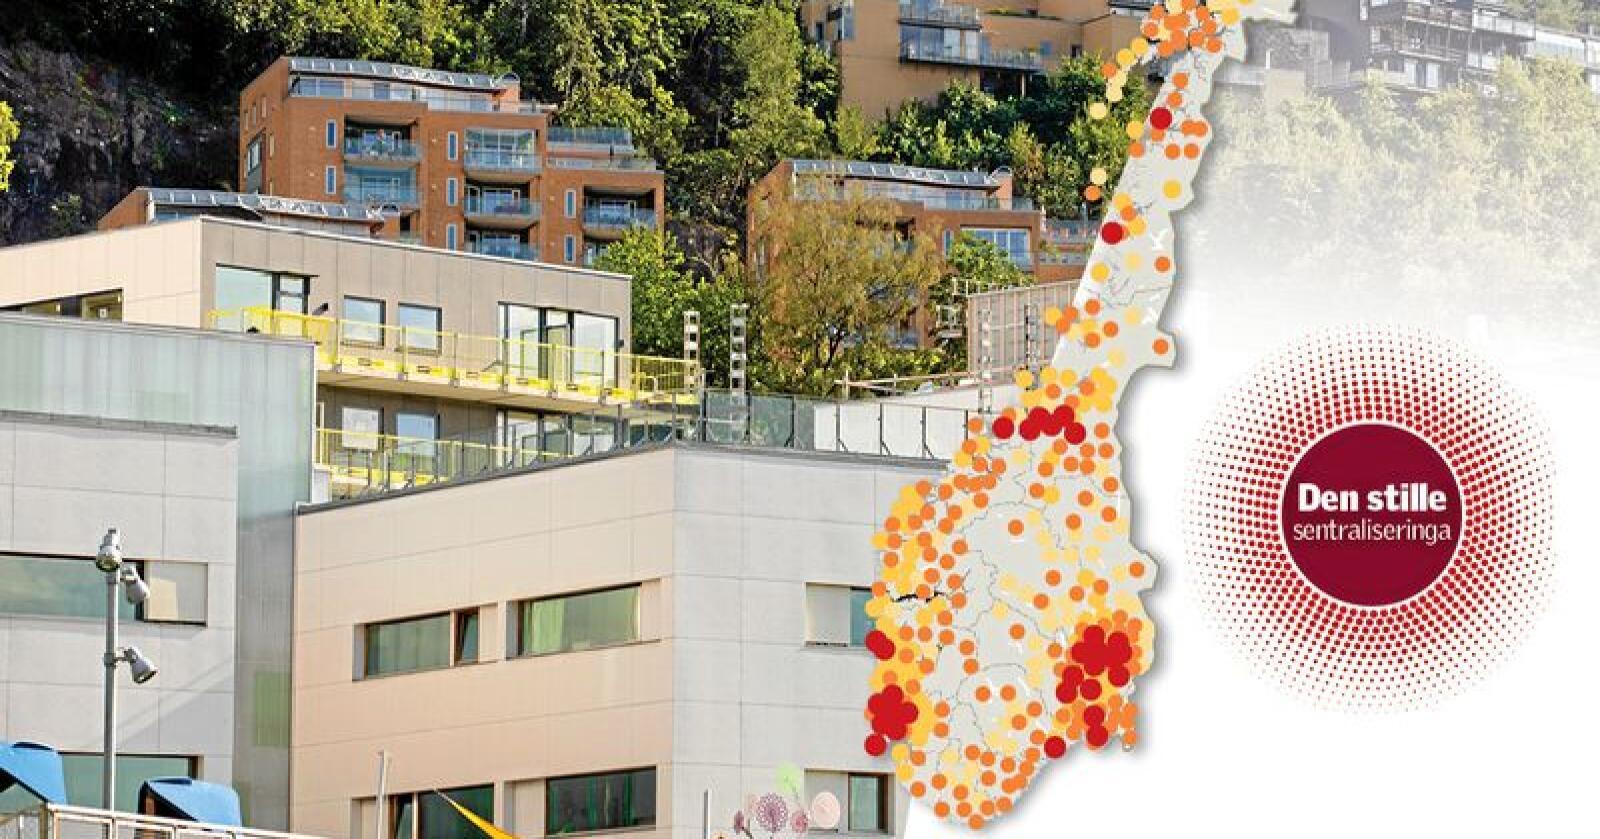 Formuene i Norge blir mer og mer samlet i de største byene. Oslo har hatt største veksten i medianformue siden 2005 - og har vokst nesten sju ganger så mye som Norges fattigste kommune. Grafikk: Käthe Friess Foto: NTB Scanpix